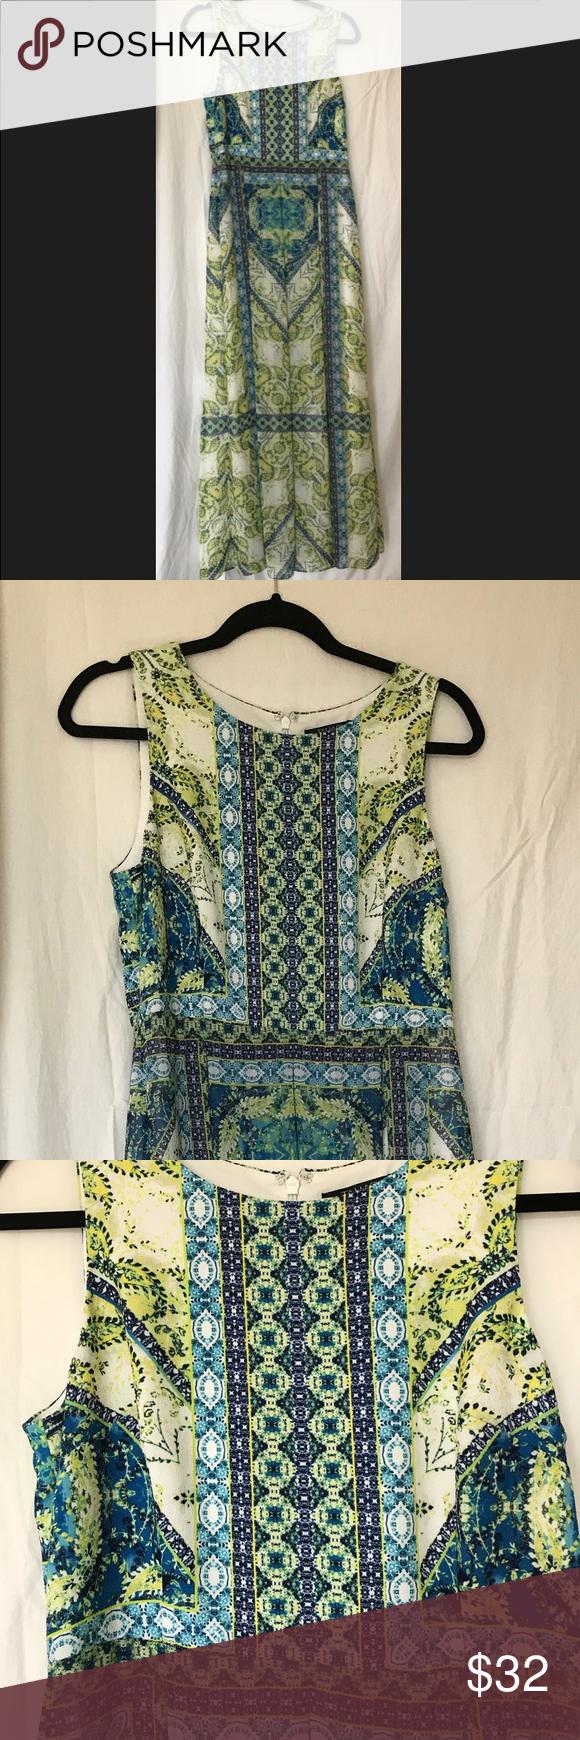 Tahari Asl Maxi Dress Size 8 Clothes Design Summer Maxi Dress Maxi Dress [ 1740 x 580 Pixel ]